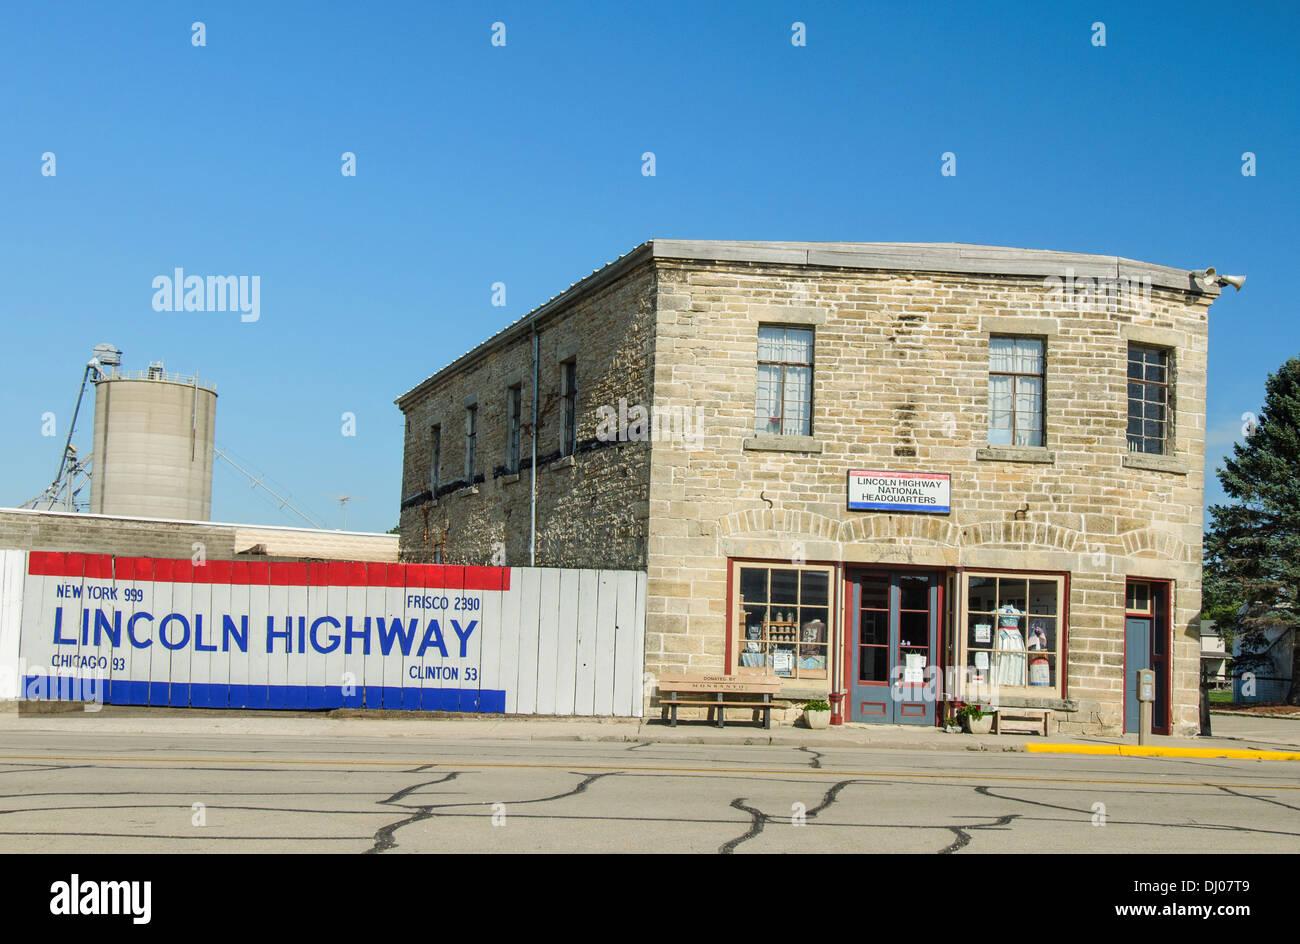 El Lincoln Highway Asociación Nacional sede en Frankfort, Illinois, una ciudad a lo largo de la Lincoln Highway Imagen De Stock